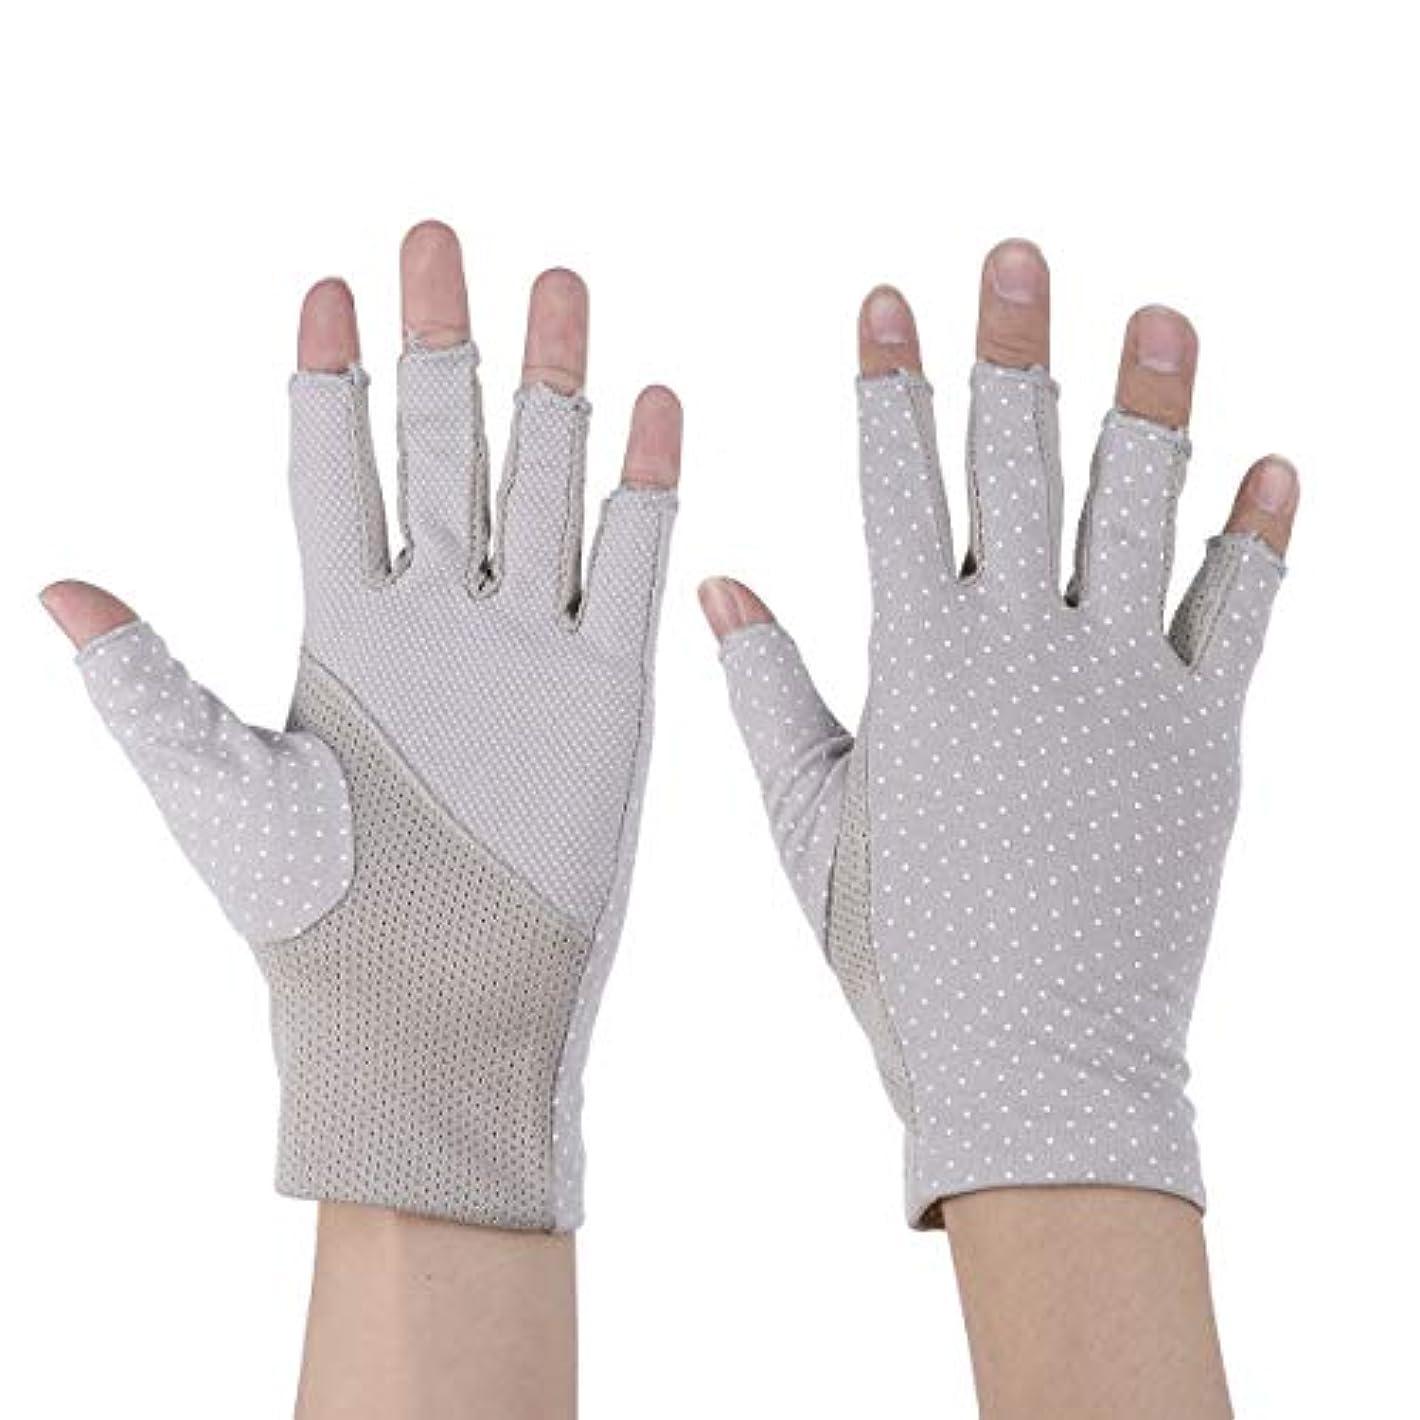 クーポン数字必要とするHealifty 1ペア日焼け止め手袋ワークアウトミトンハーフフィンガー紫外線保護手袋用サイクリンググレー